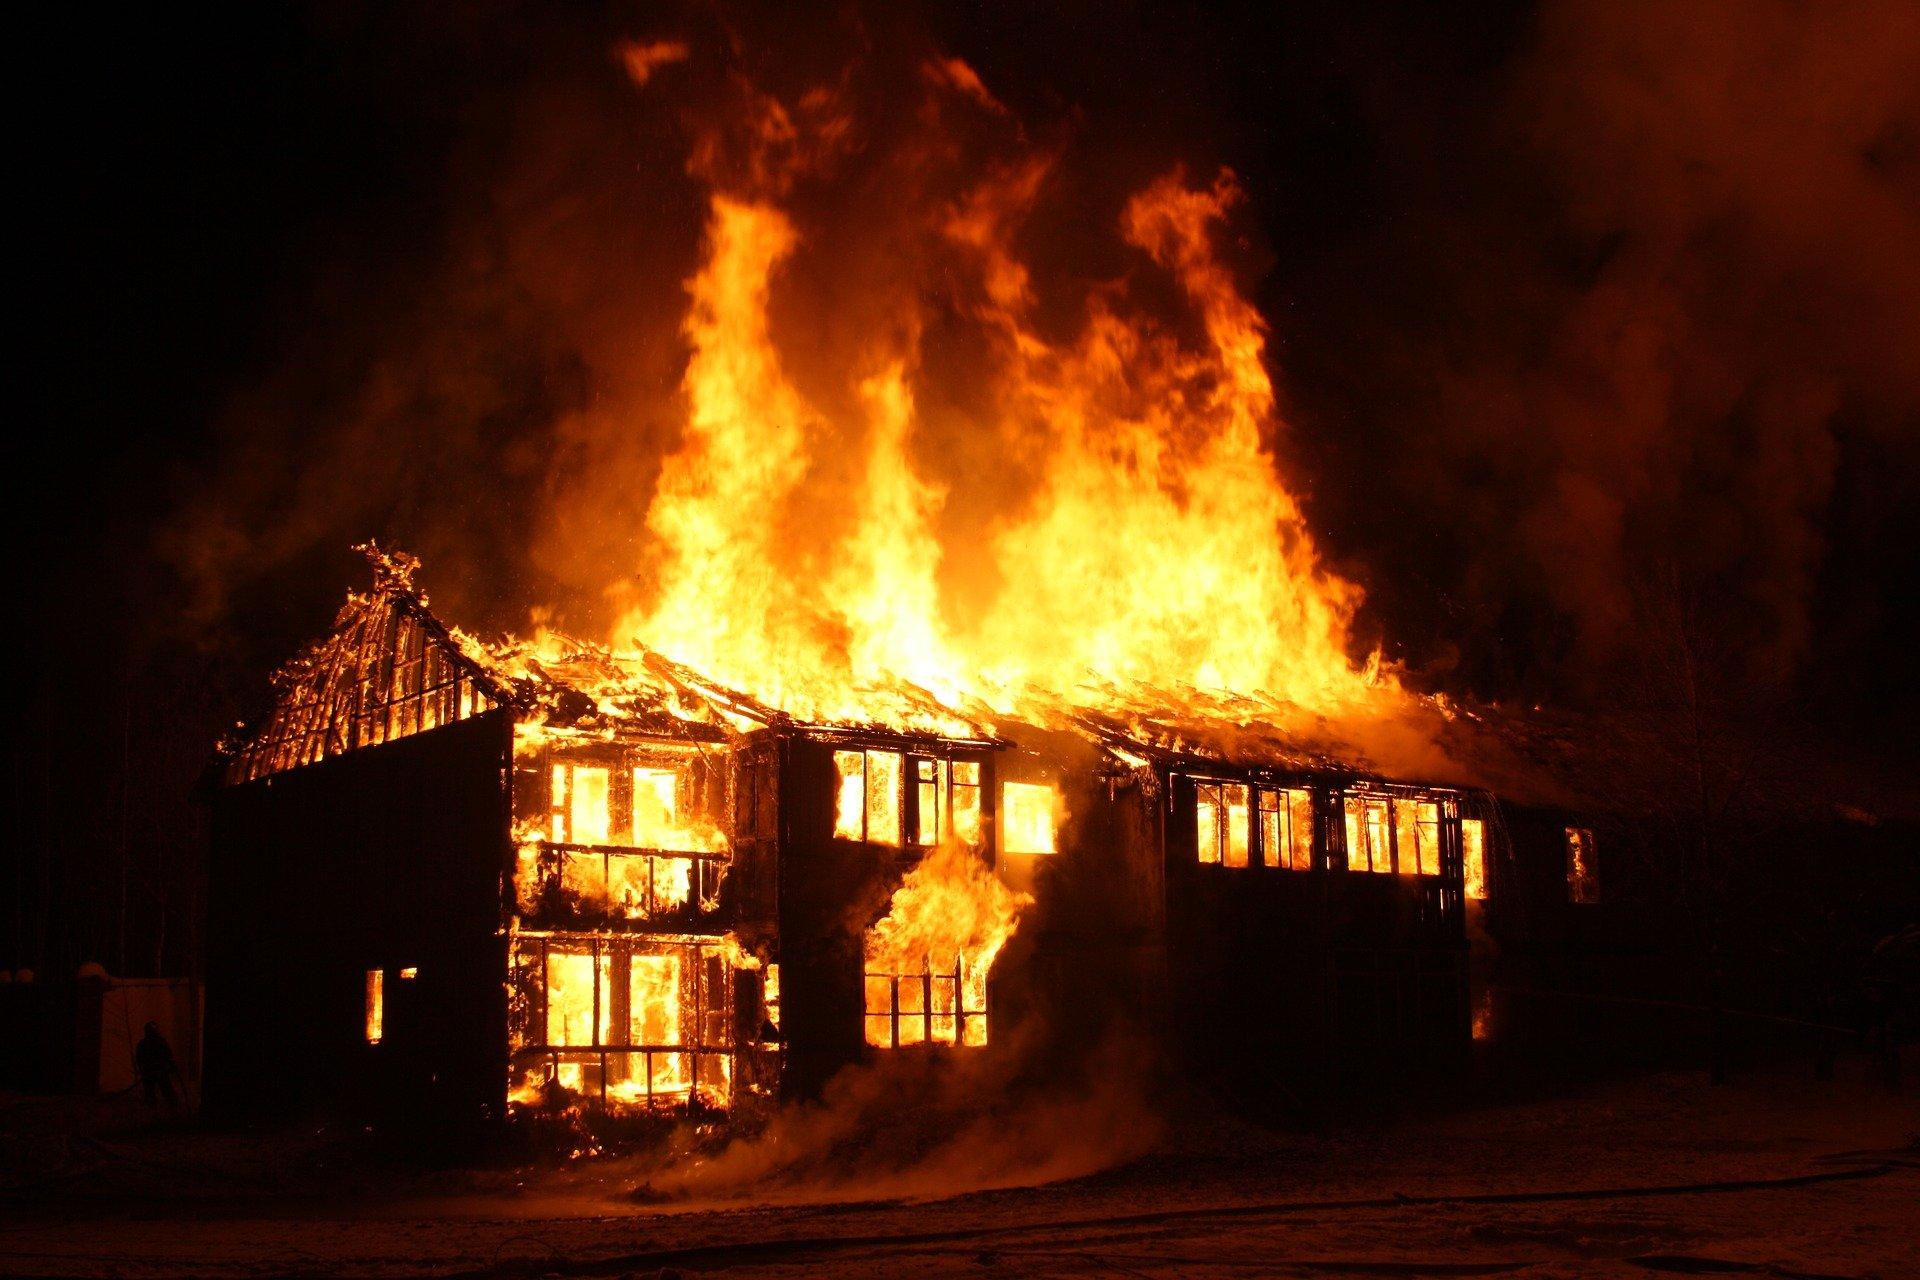 Le grand incendie de Londres de 1666 : analyse en termes de gestion de crise